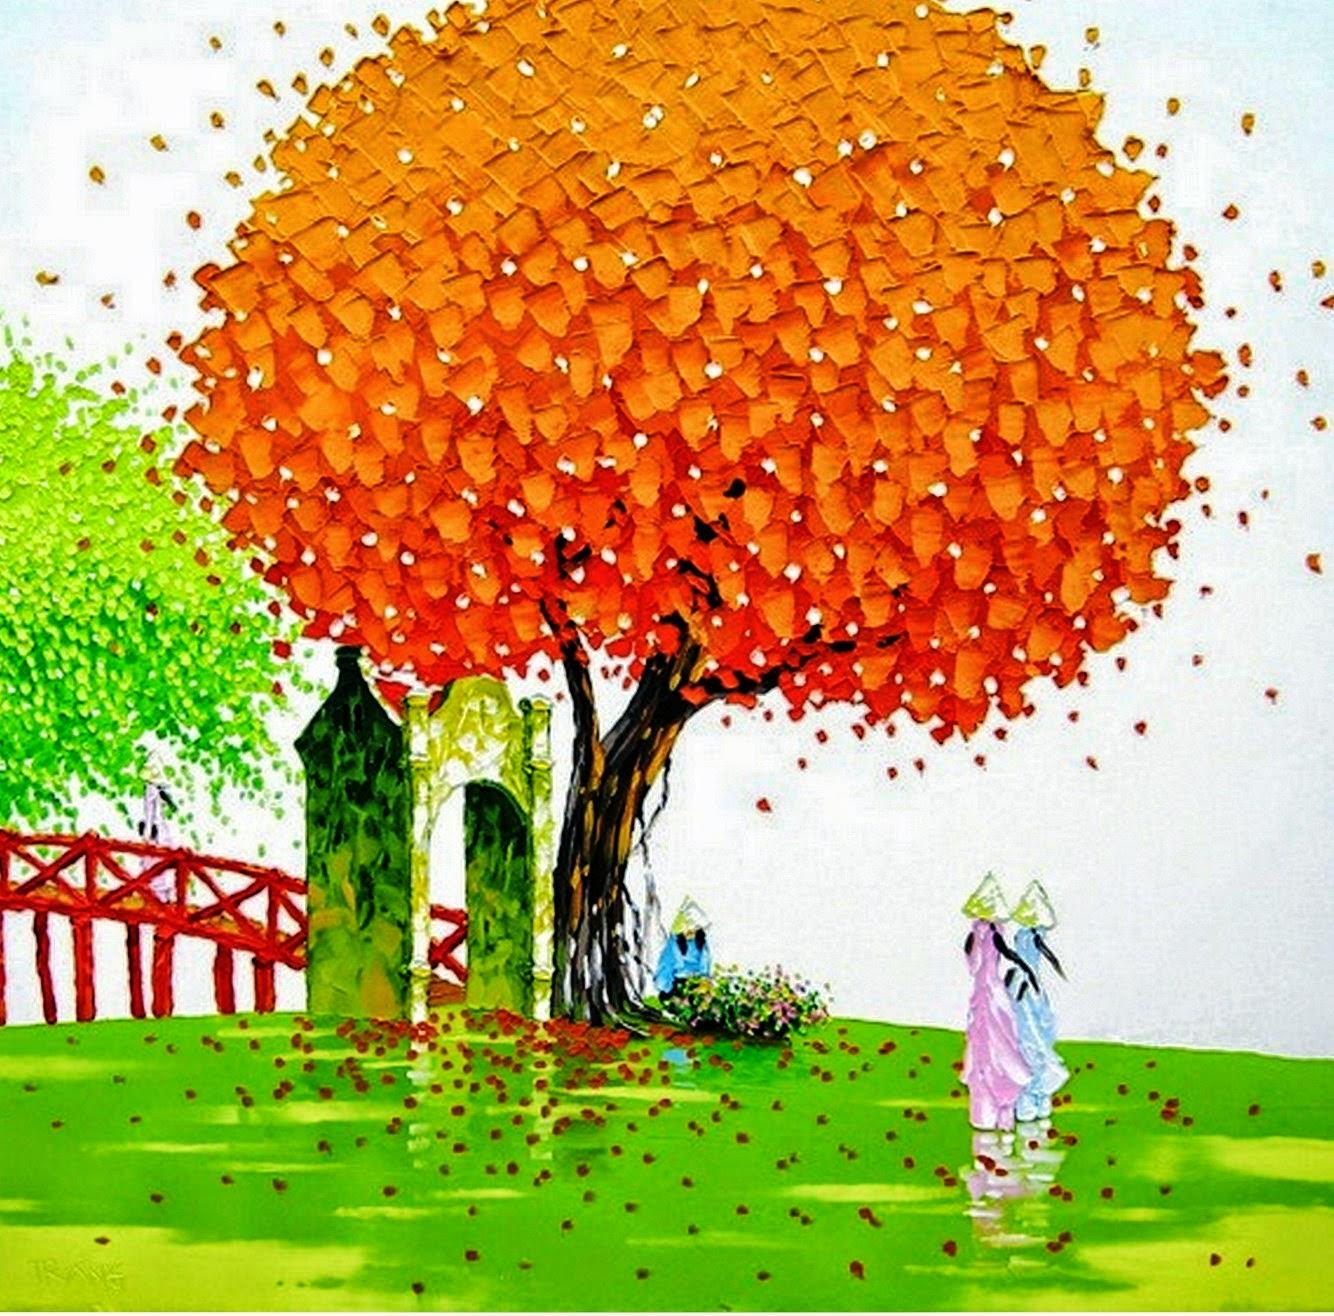 Pintura moderna y fotograf a art stica cuadros coloridos - Cuadros modernos con texturas ...